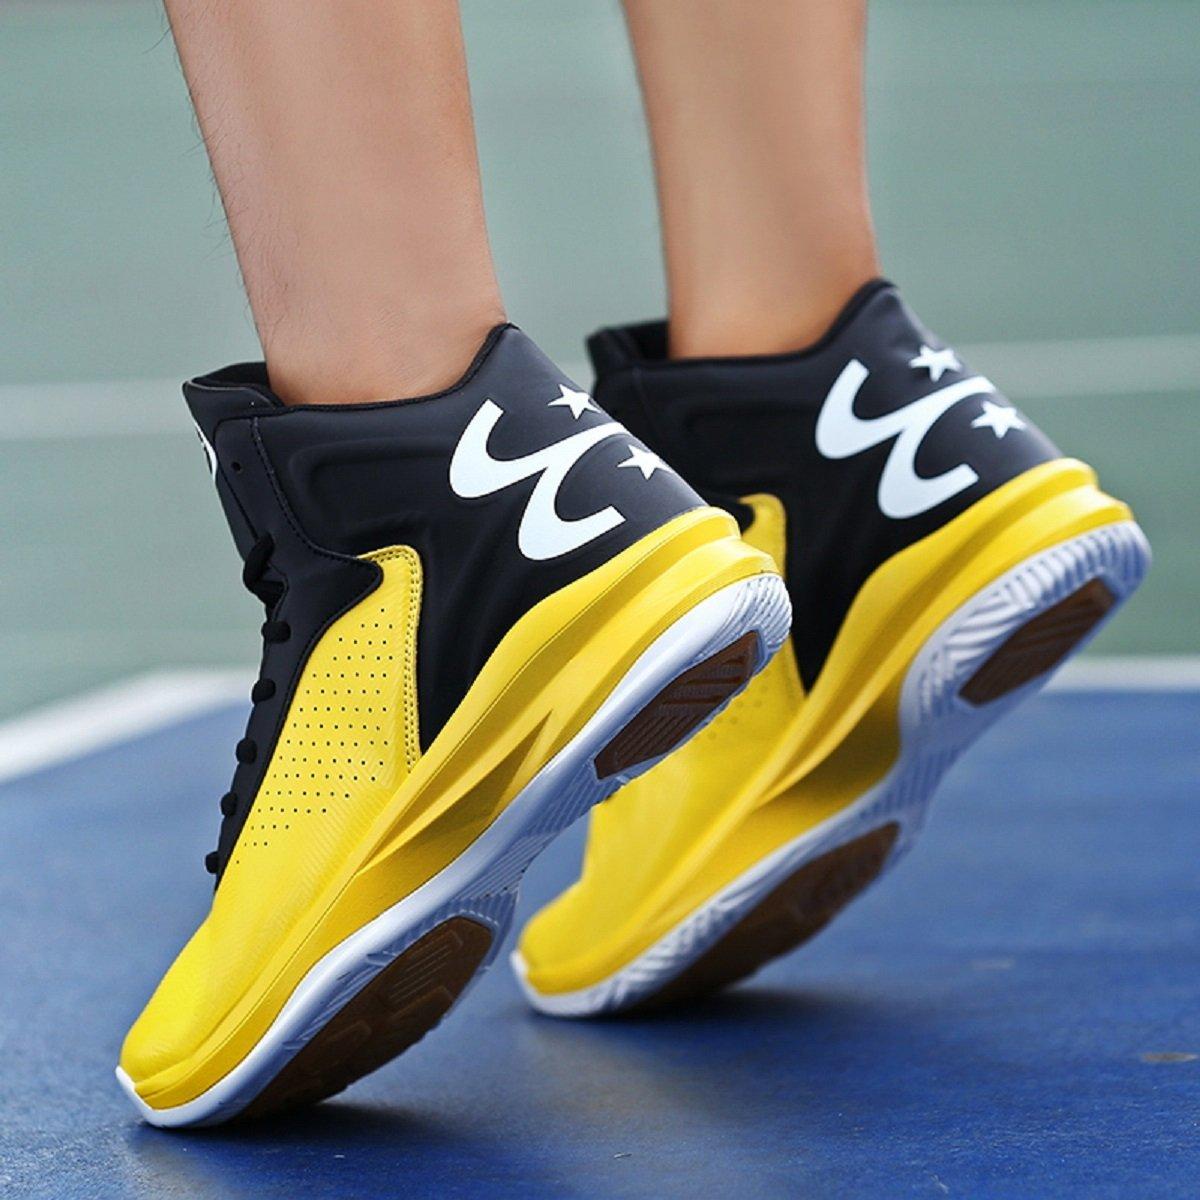 homme / femme allstart hommes du fonctionneHommes air t occasionnel air fonctionneHommes chaussures de sport haute respirable la cheville mi - basket - ball basket pour garçon durables fonction wr9618 service bon marché en suspens 6d2bd8